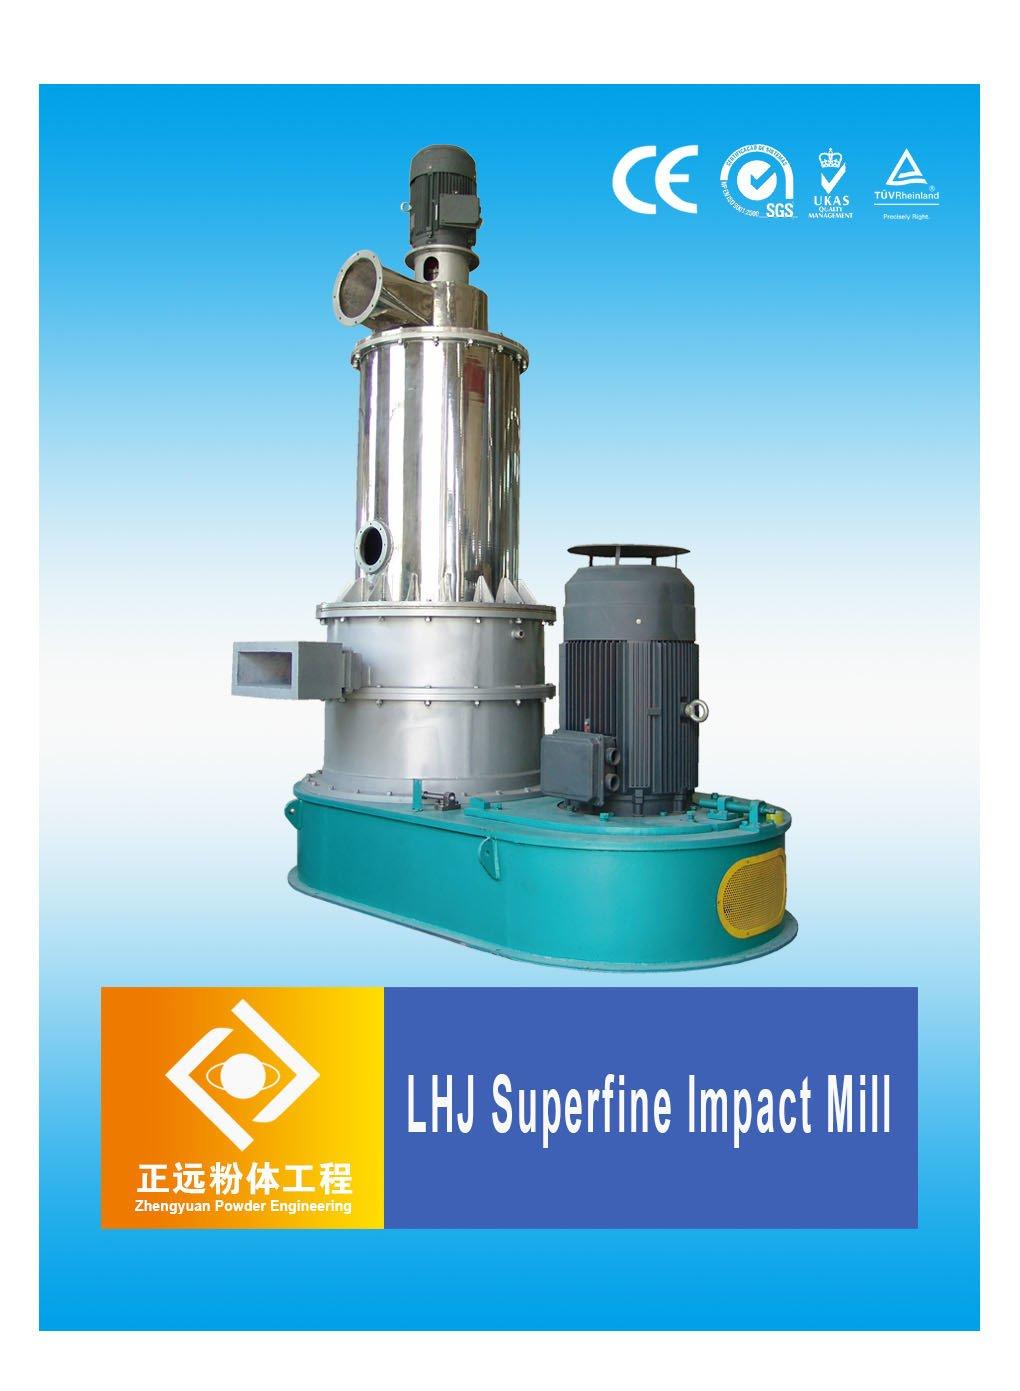 LHJ超细机械粉碎机的图片